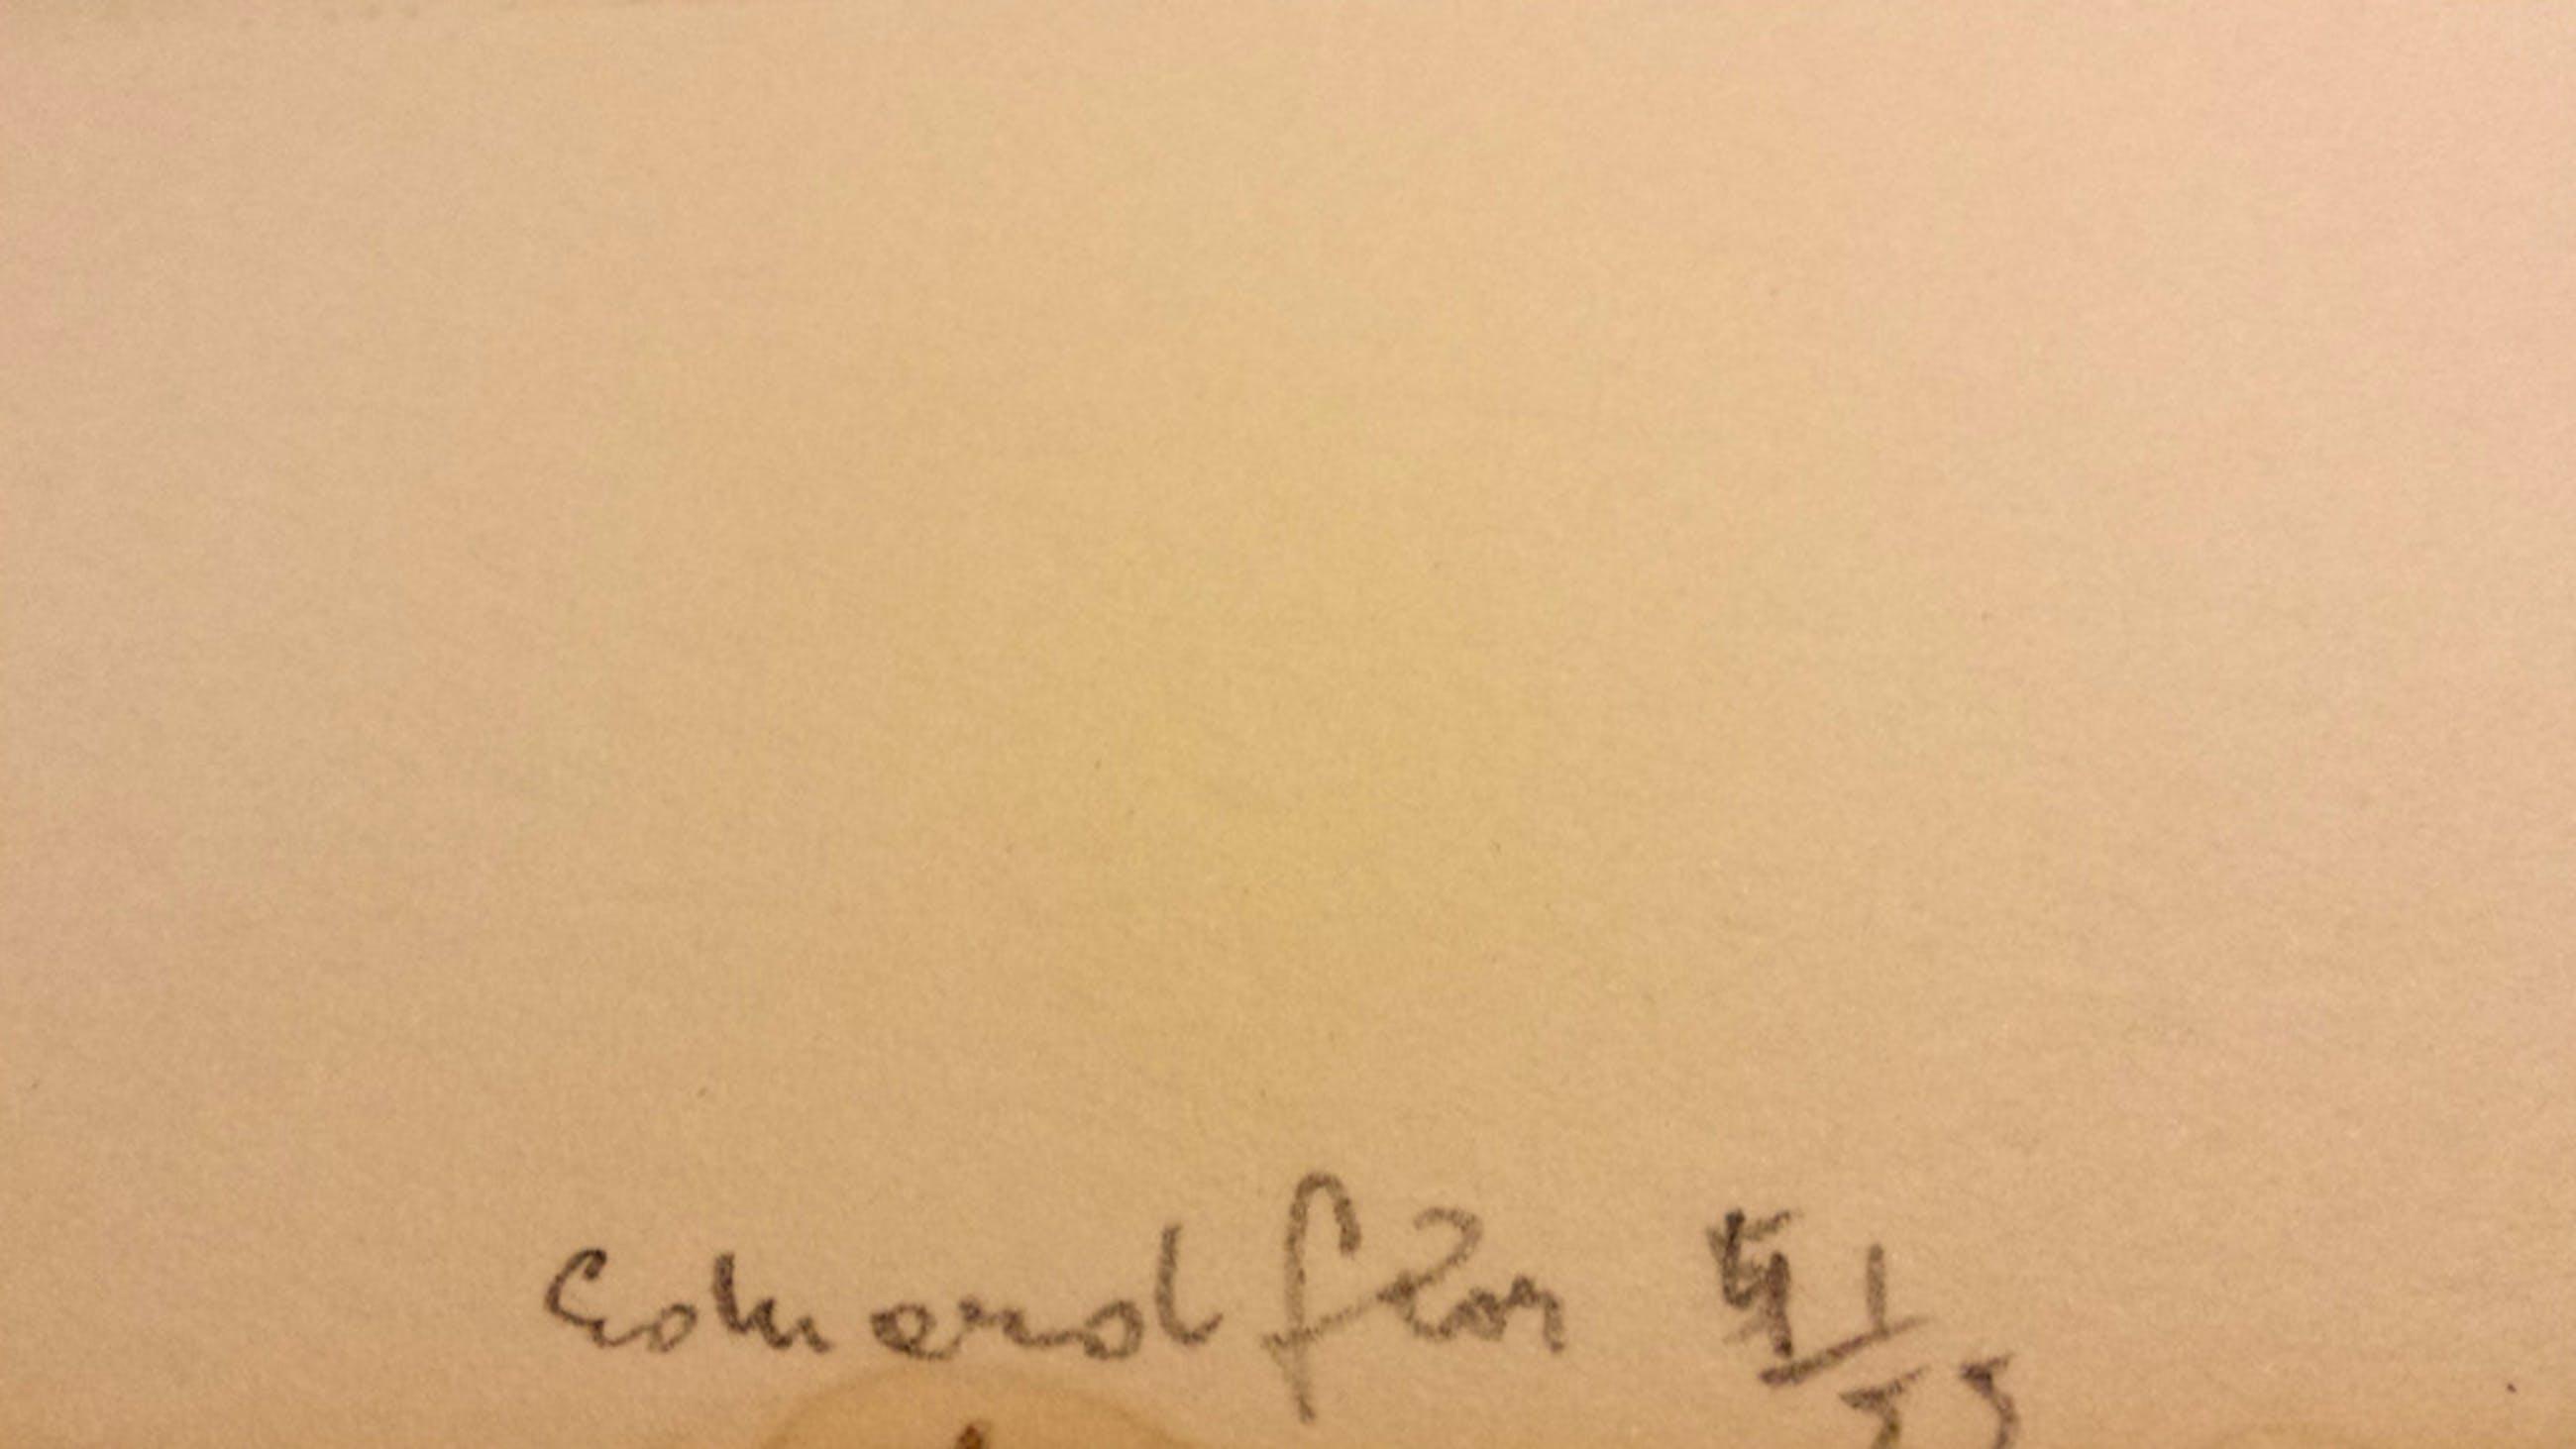 Eduard Flor, Ets nr 6, tijd, 1974 kopen? Bied vanaf 5!